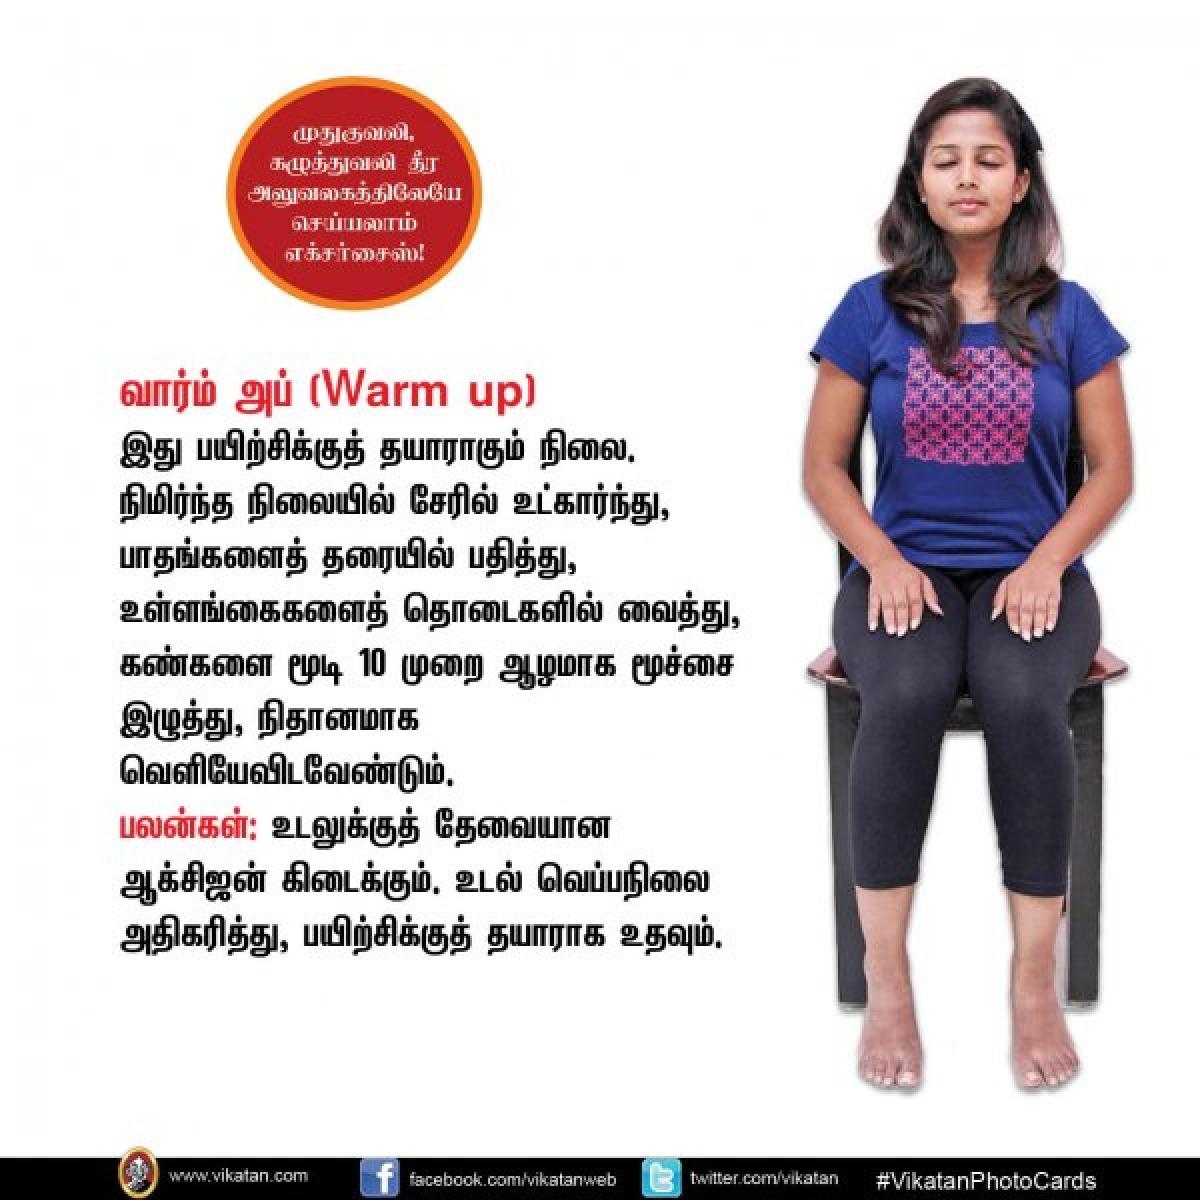 முதுகுவலி, கழுத்துவலி தீர அலுவலகத்திலேயே செய்யலாம் எக்சர்சைஸ்! #VikatanPhotoStory